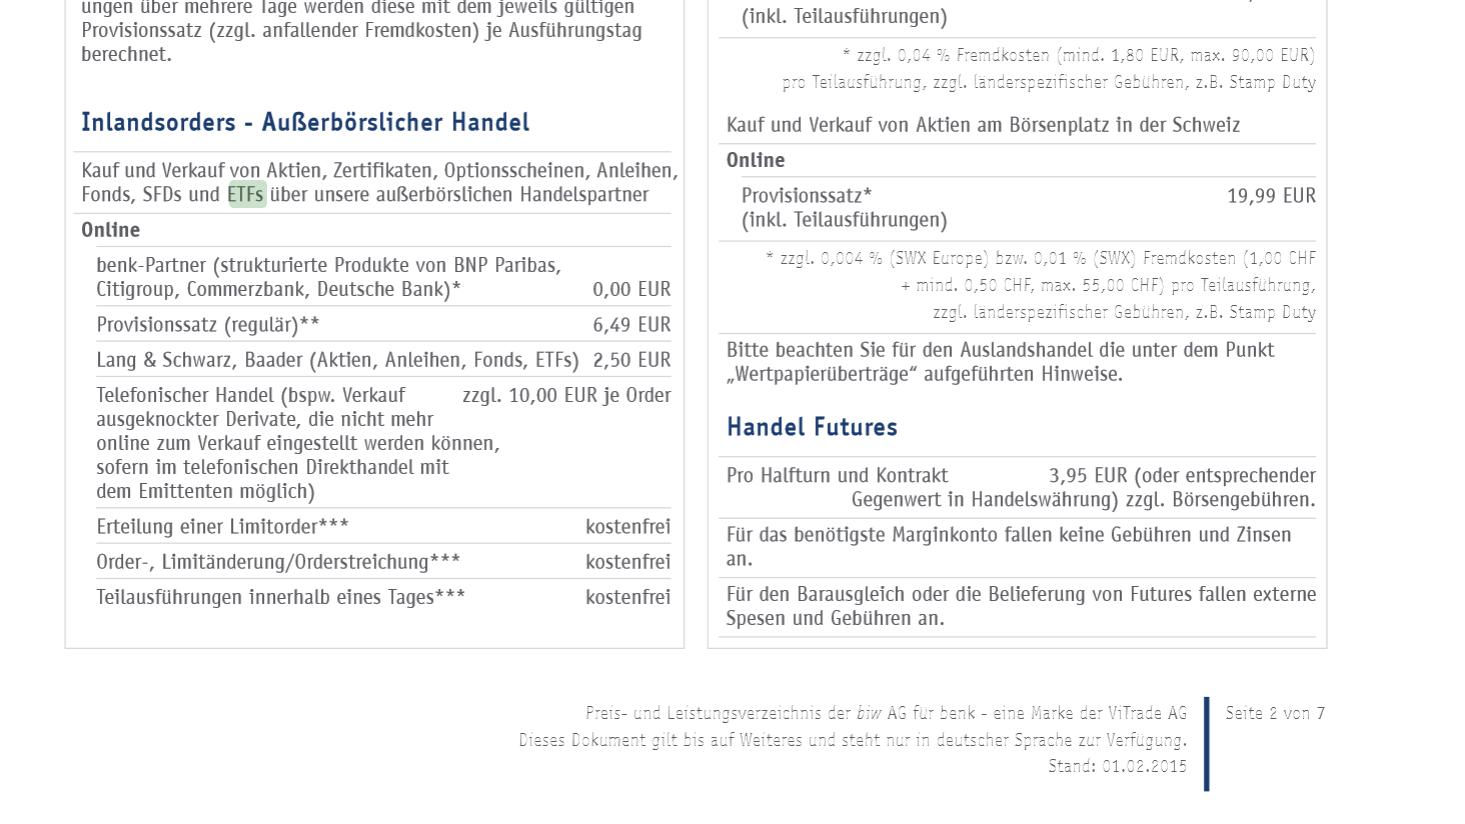 Das Preis- und Leistungsverzeichnis von benk